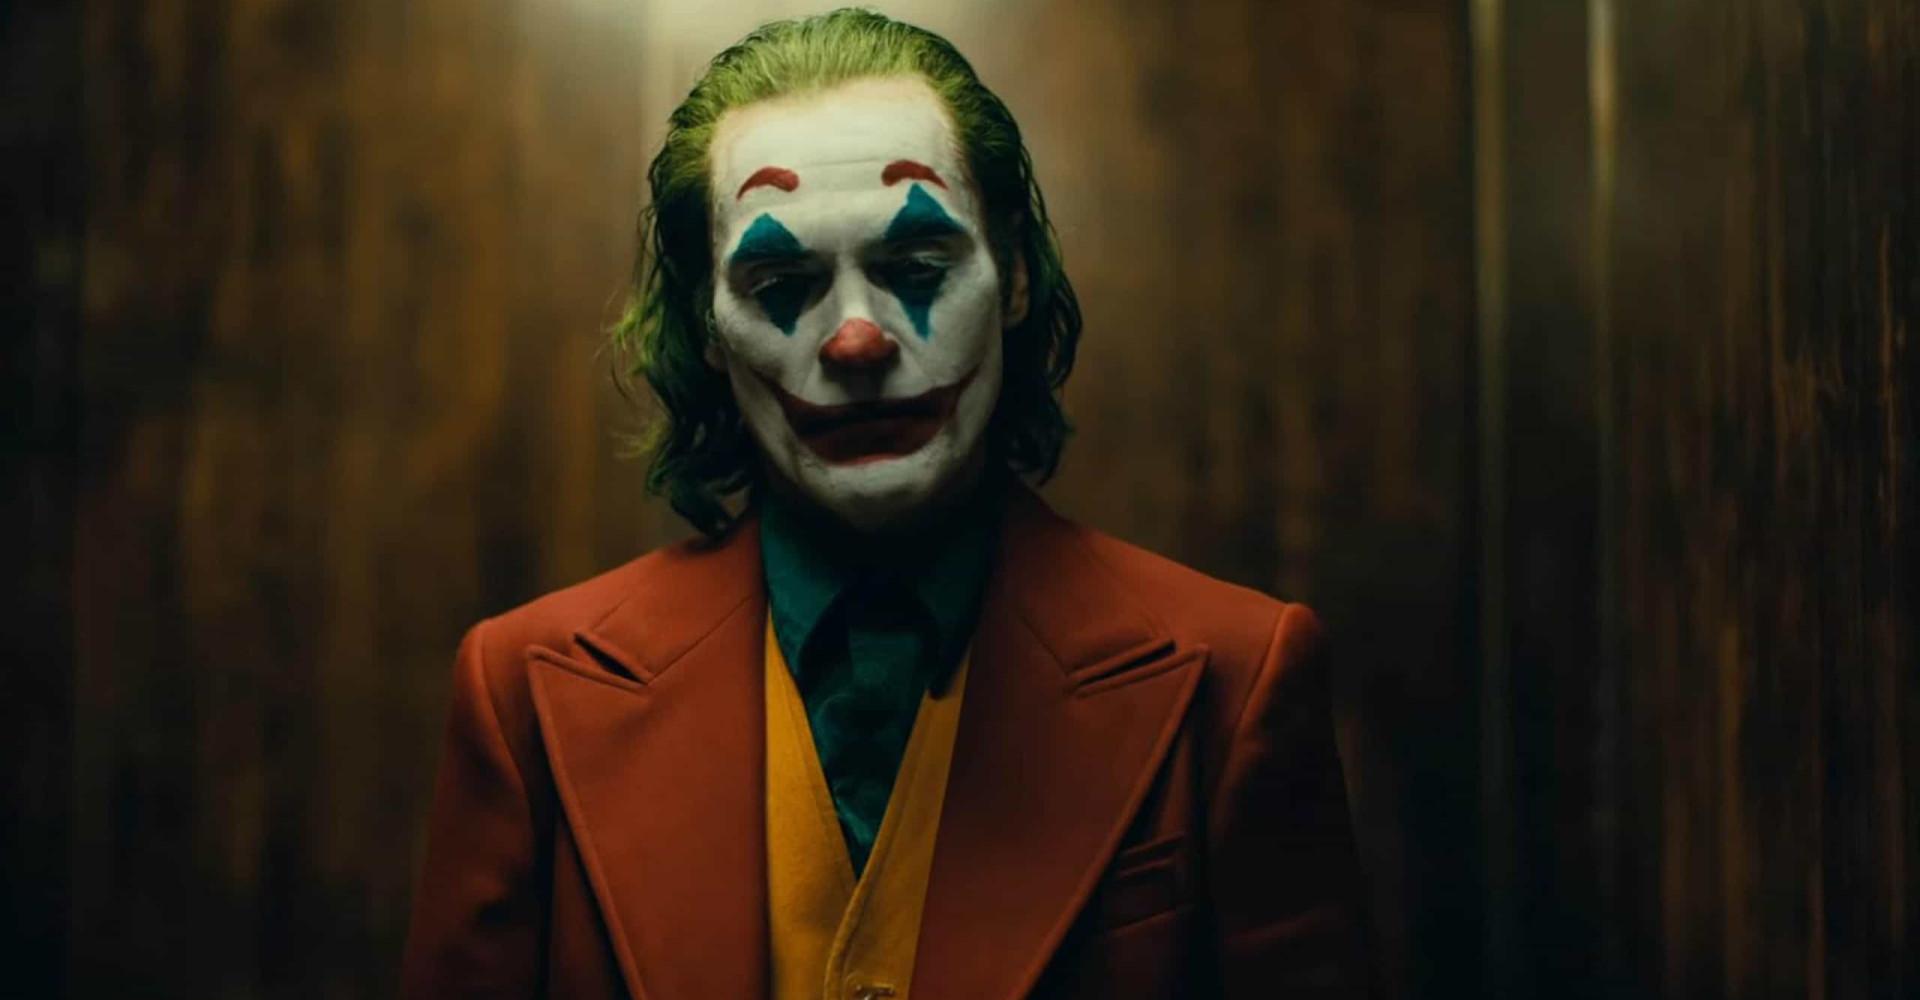 The Joker and more on-screen Batman villains